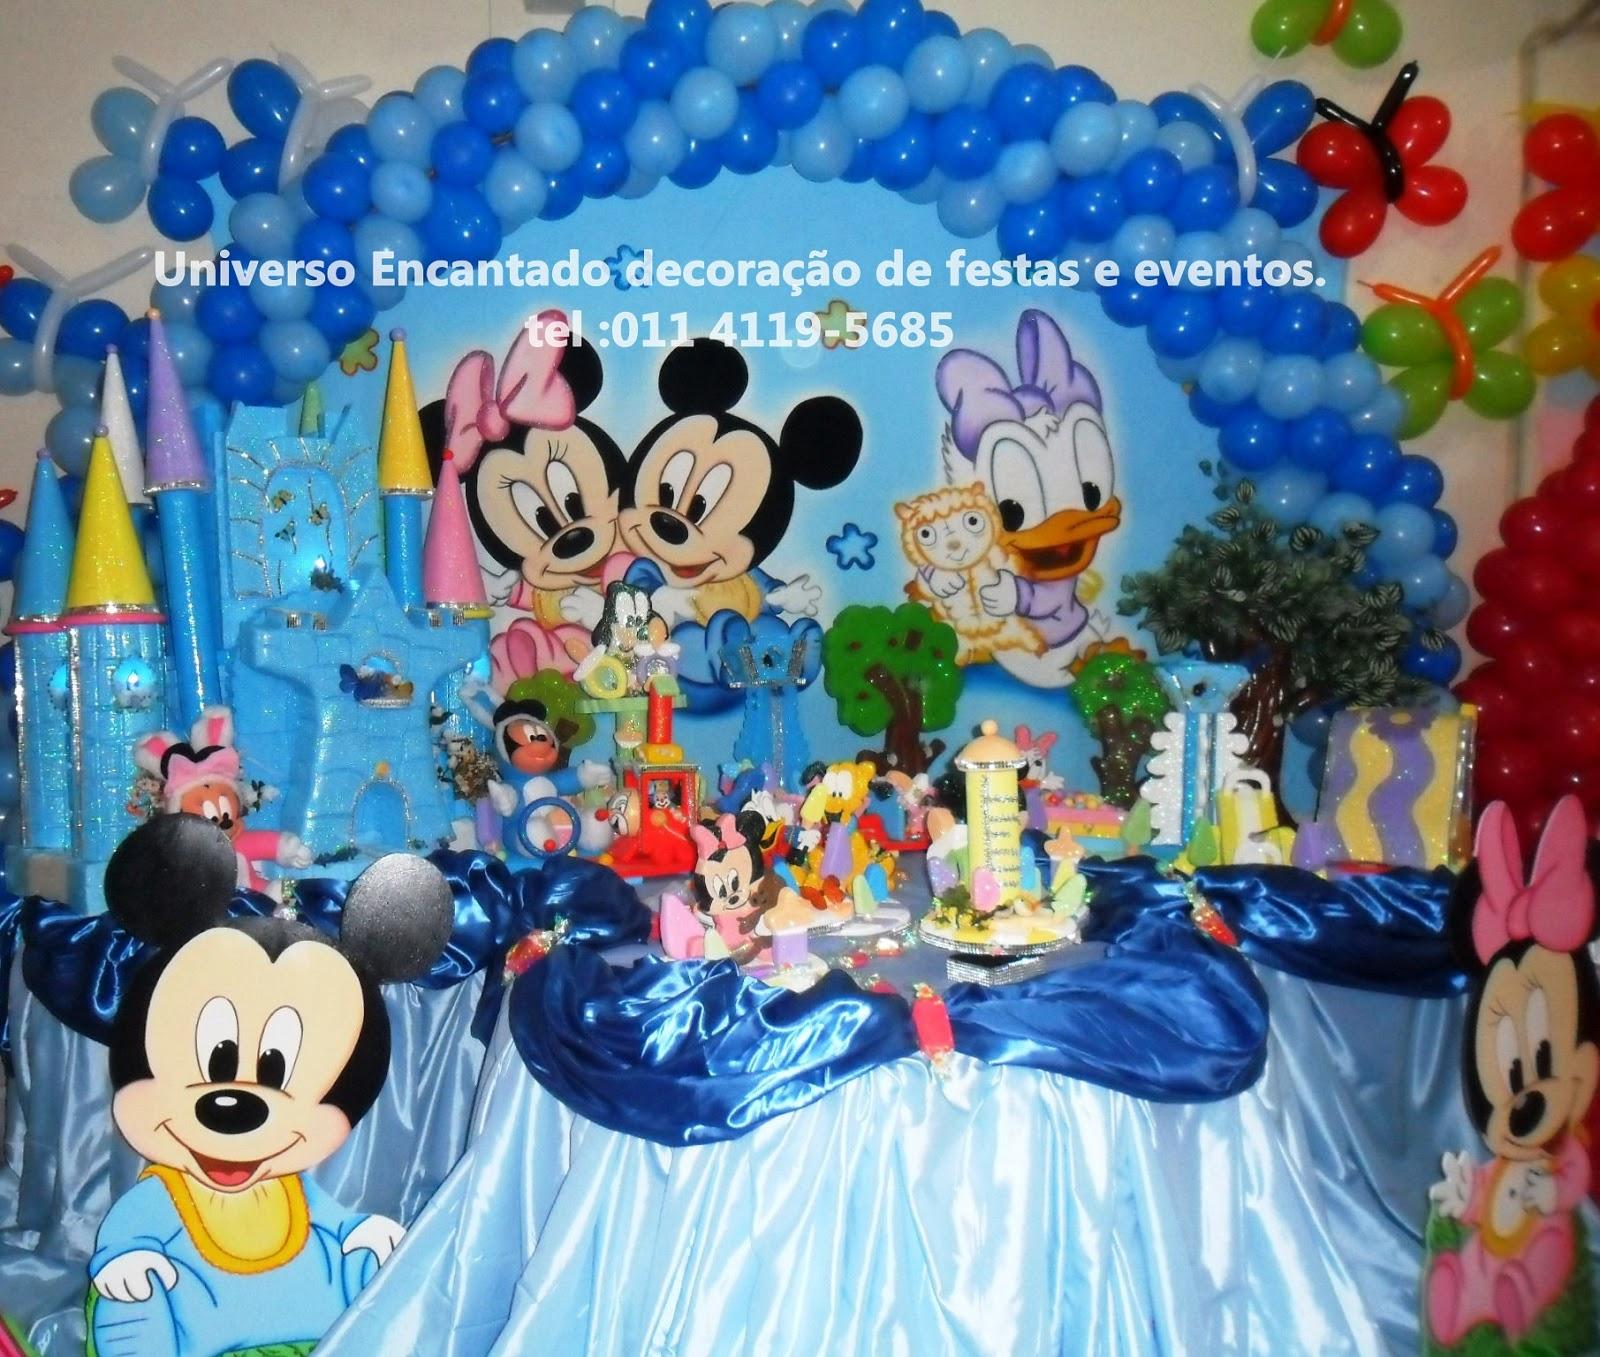 Universo Encantado Decoraç u00e3o de festas e Eventos -> Decoração De Festas E Eventos Cursos